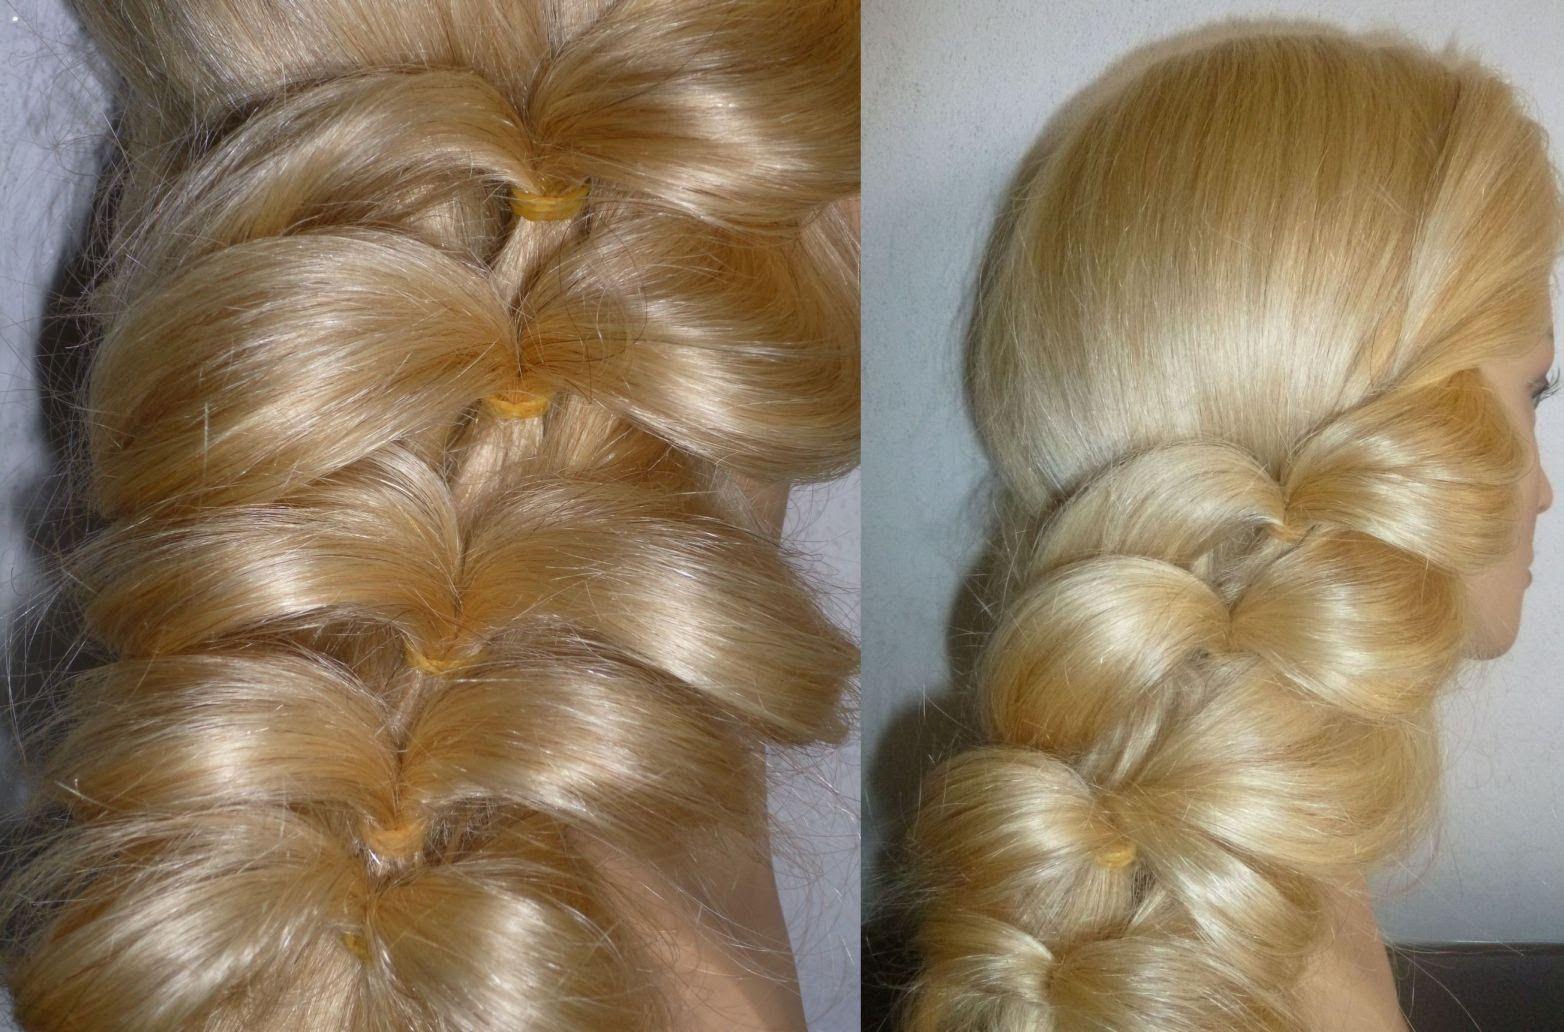 Flecht Frisuren für dünnes Haar.Zopffrisur.Ausgehhfrisur.Braid